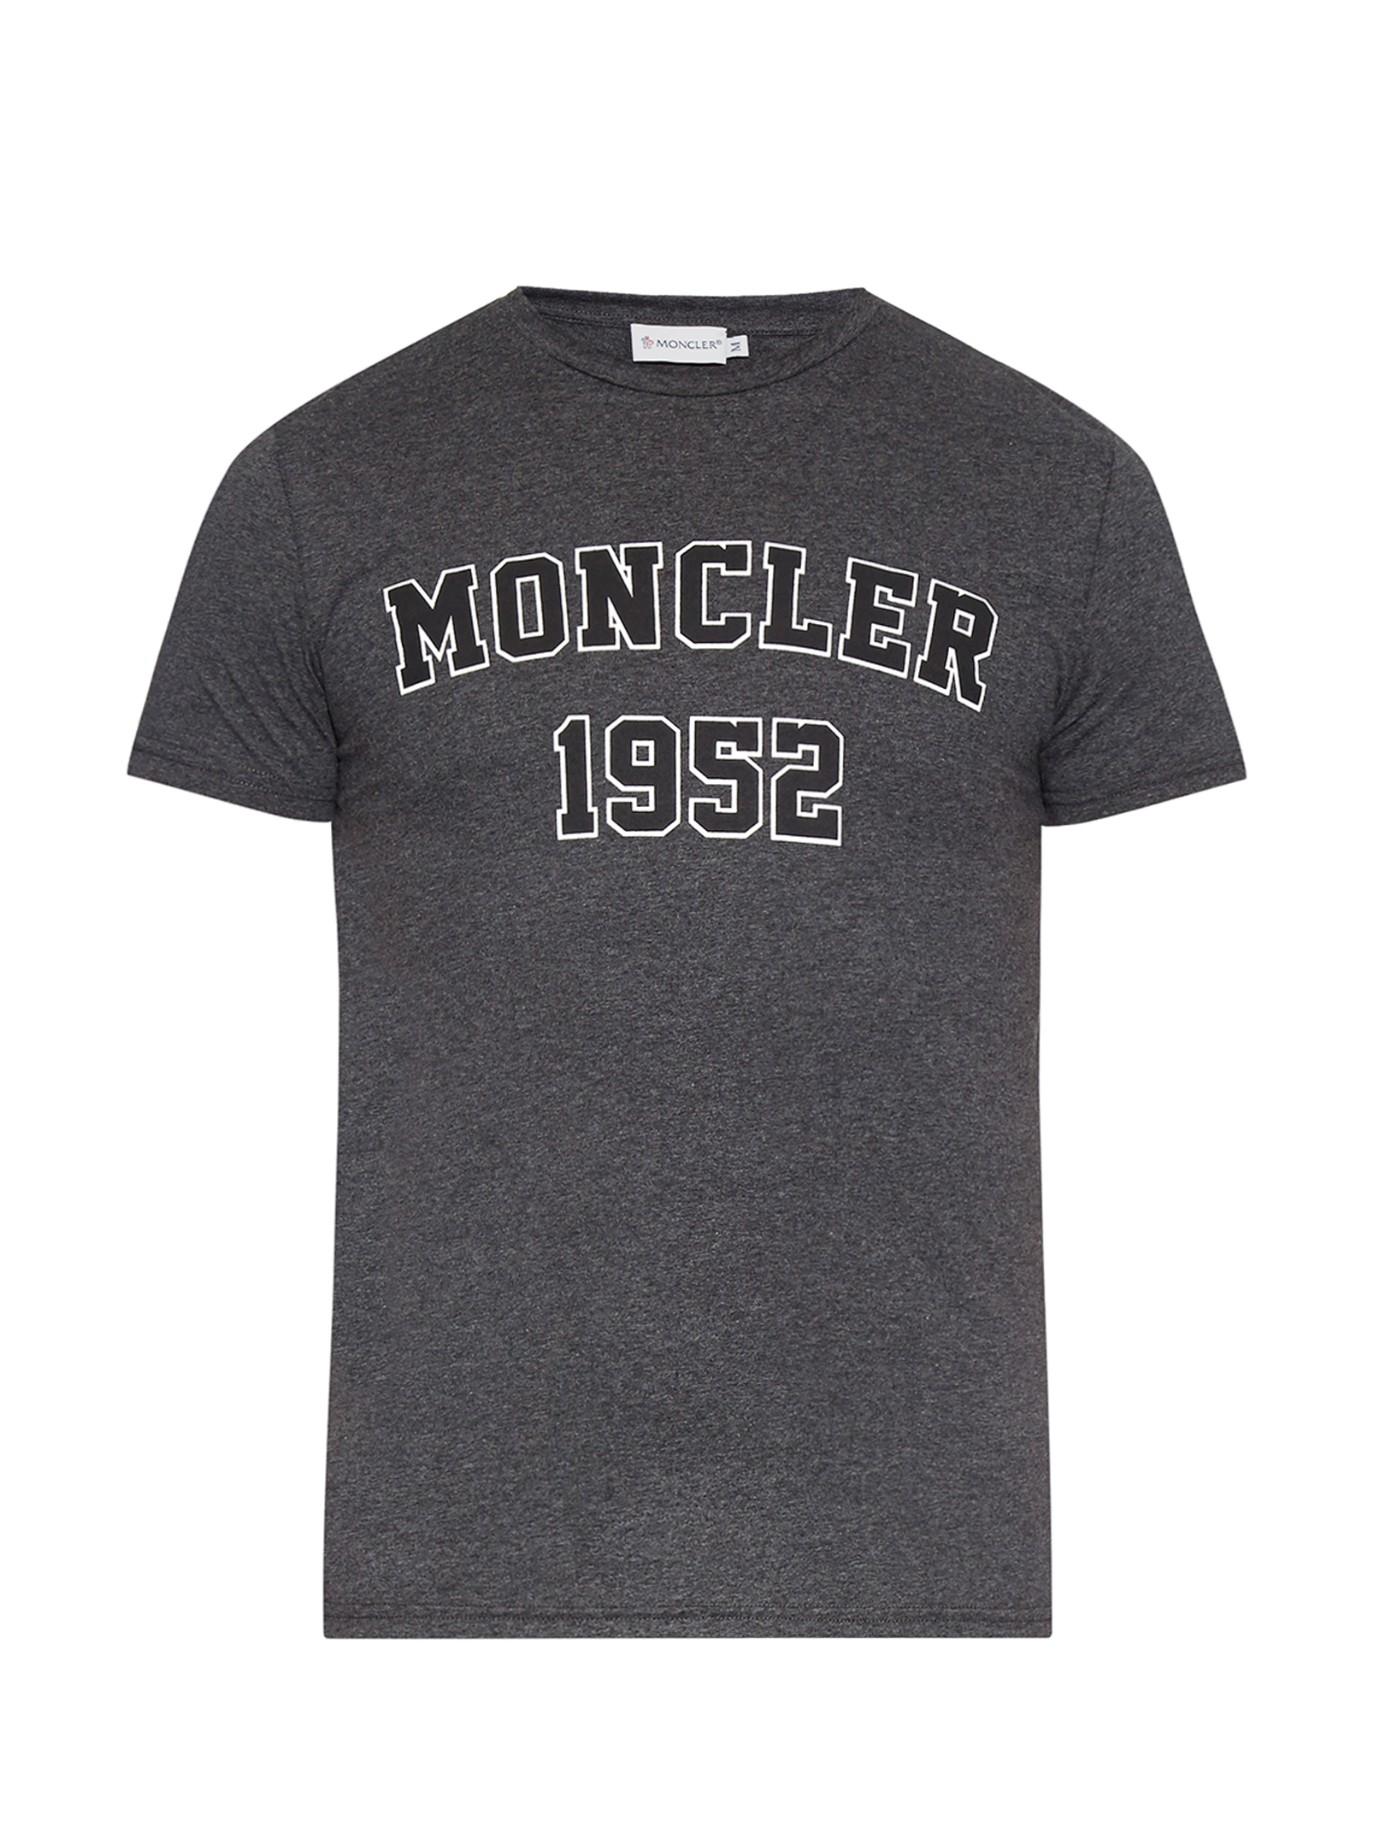 moncler t shirt 1952